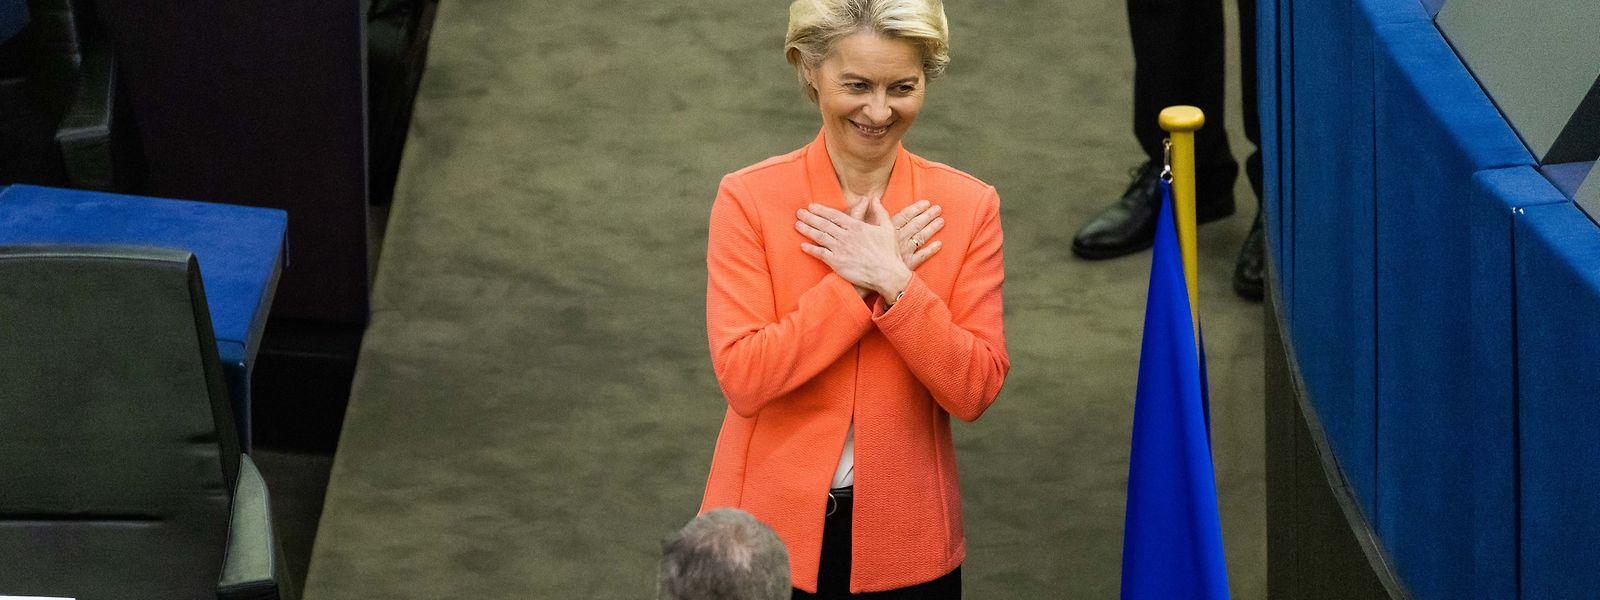 Ursula von der Leyen, Präsidentin der Europäischen Kommission und Mitglied der Fraktion EVP, bedankt sich nach ihrer Rede zur Lage der Union für den Applaus.